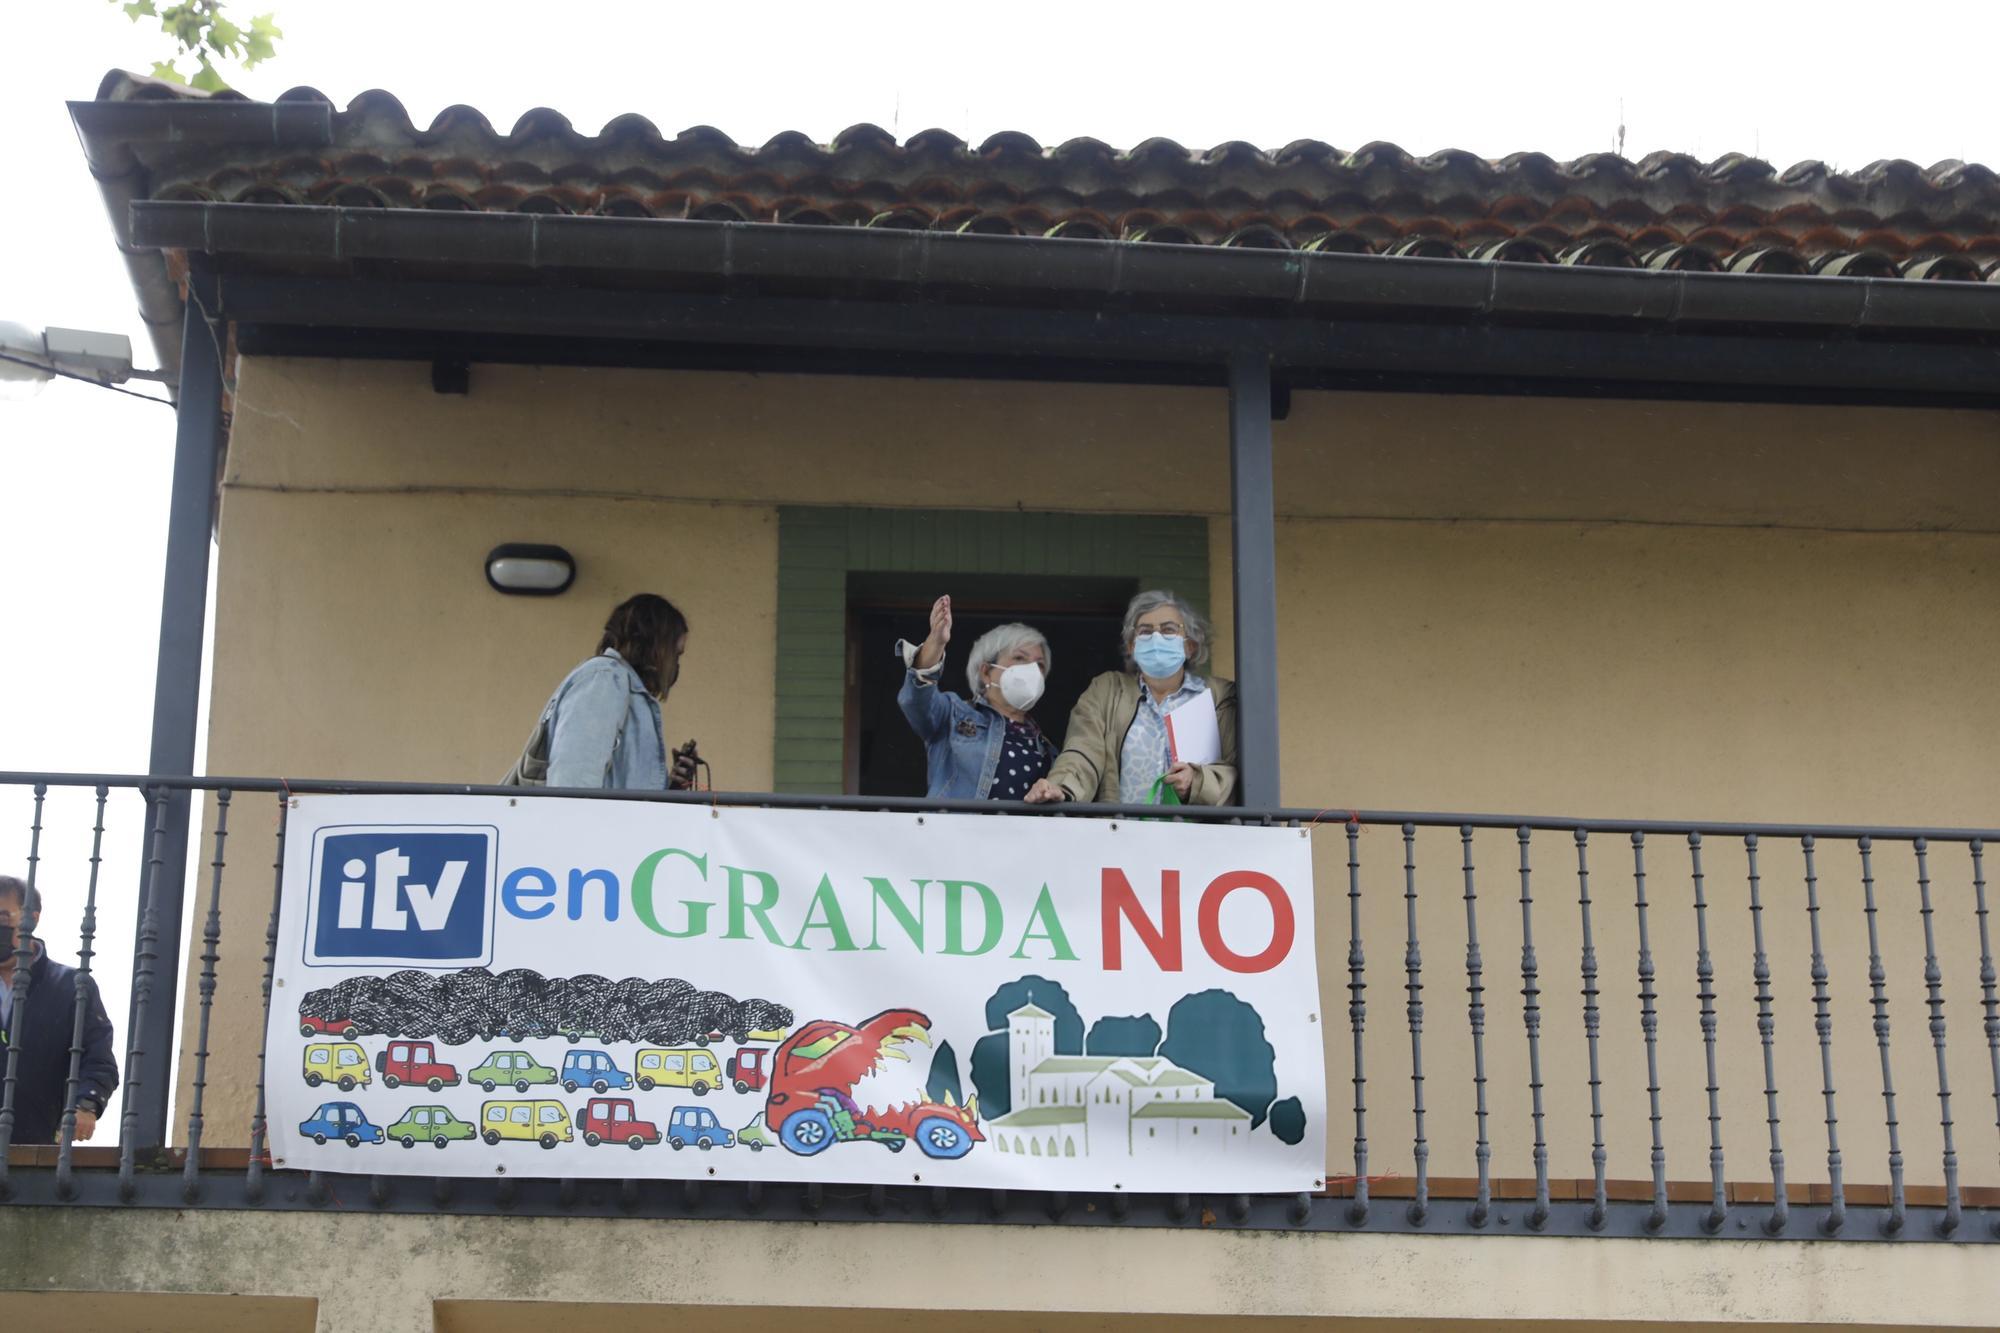 La Alcaldesa visita a los vecinos de Granda, contrarios a la ITV